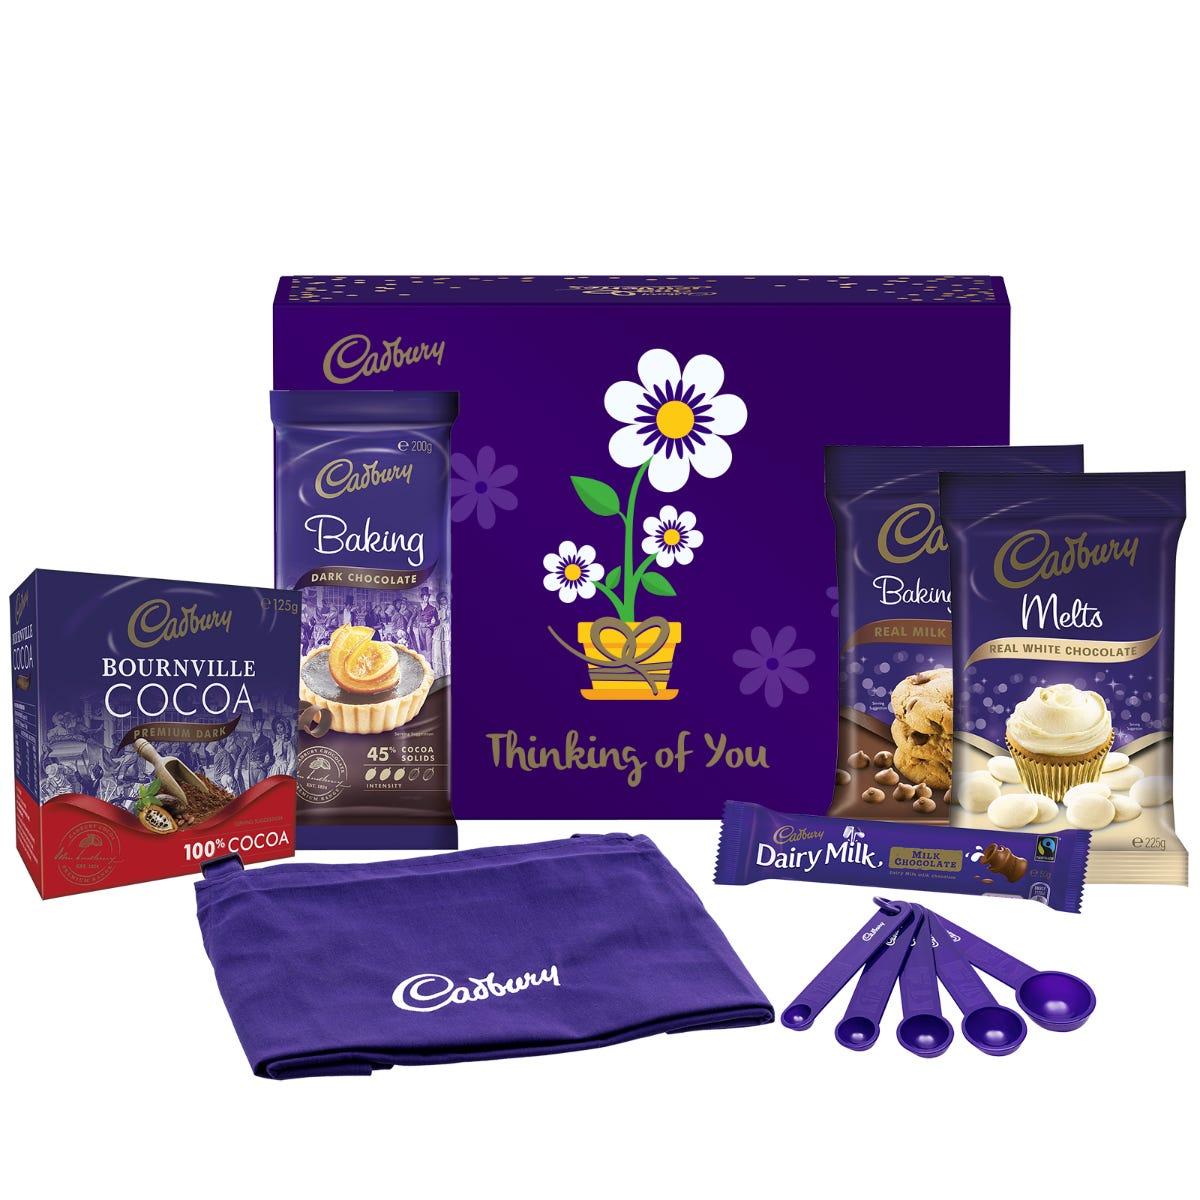 Cadbury Baking Gift Pack - Thinking of You